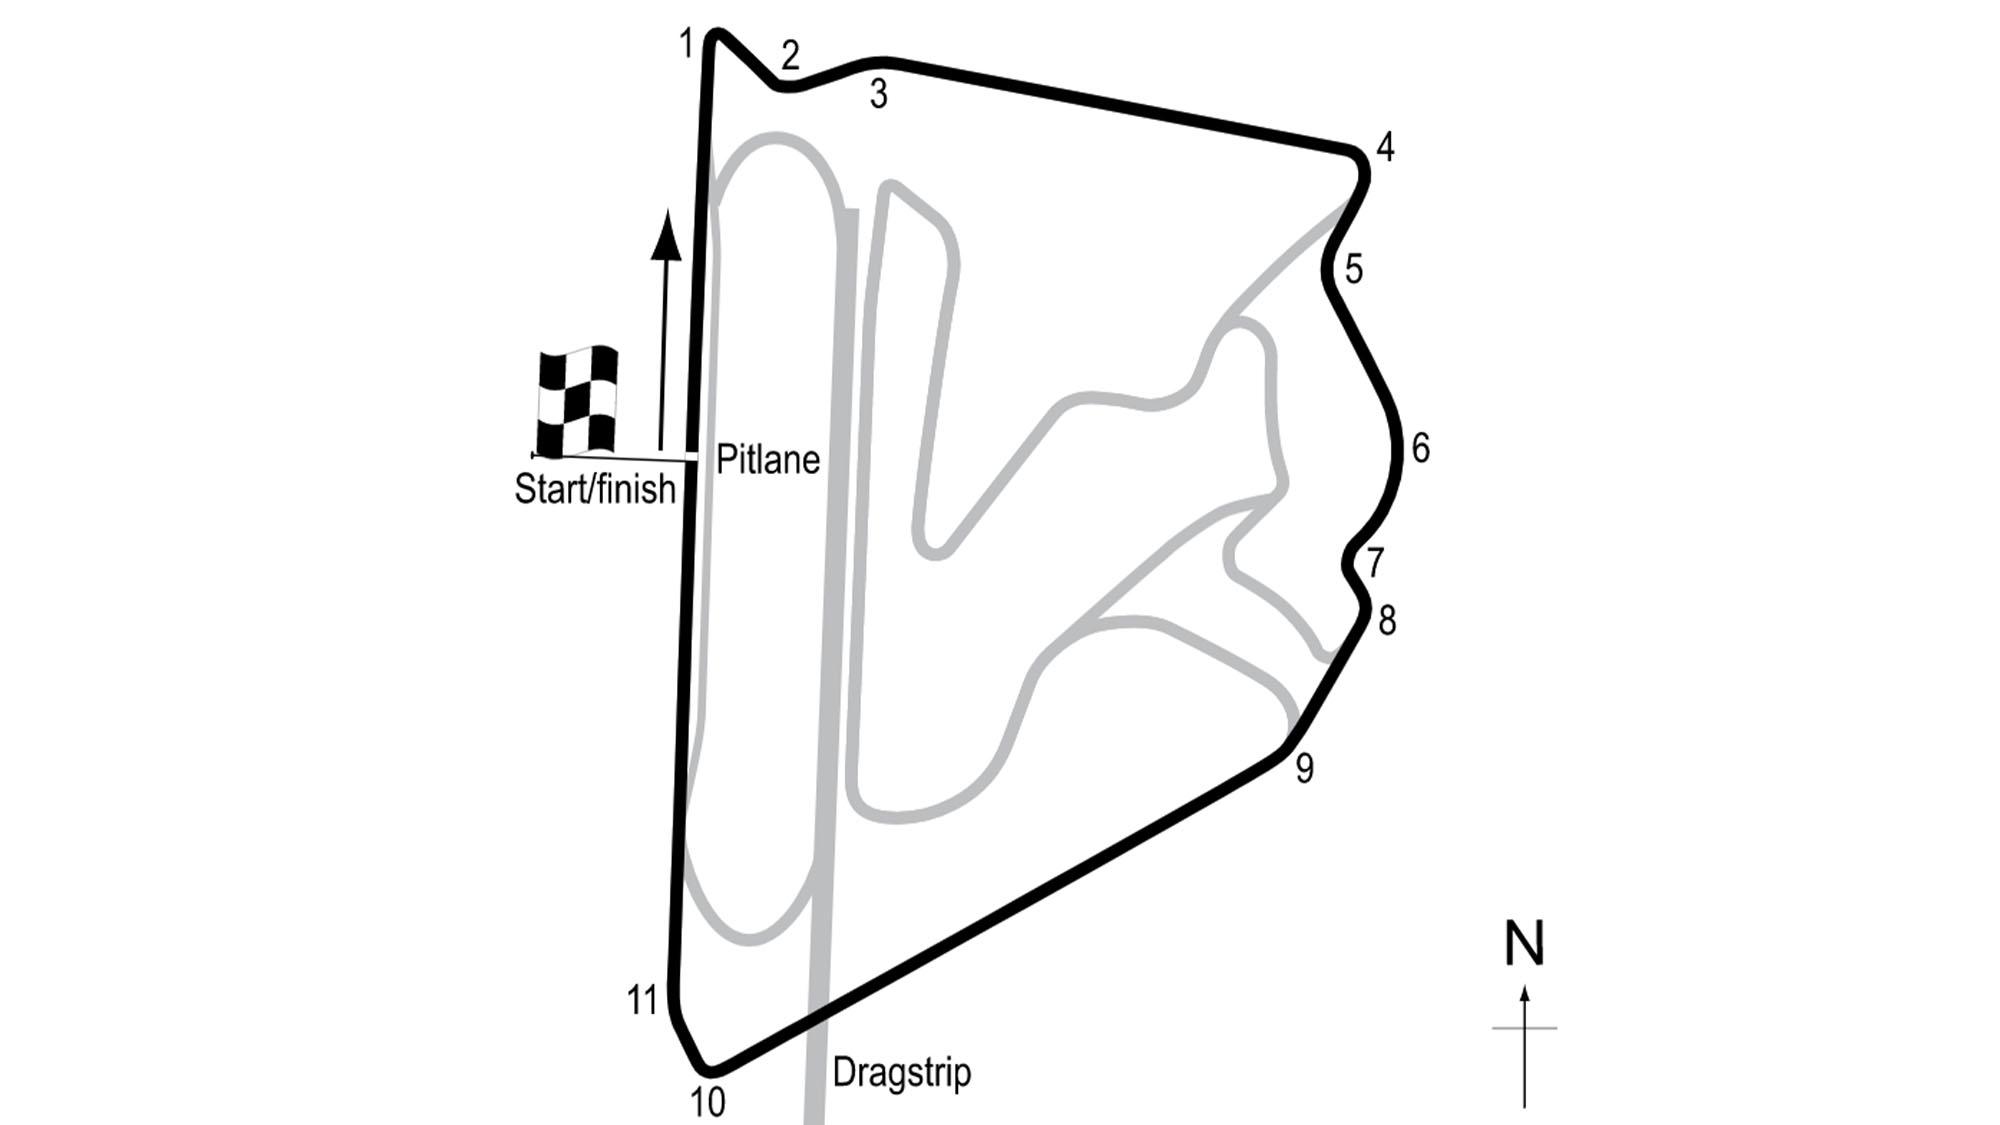 Bahrain oval